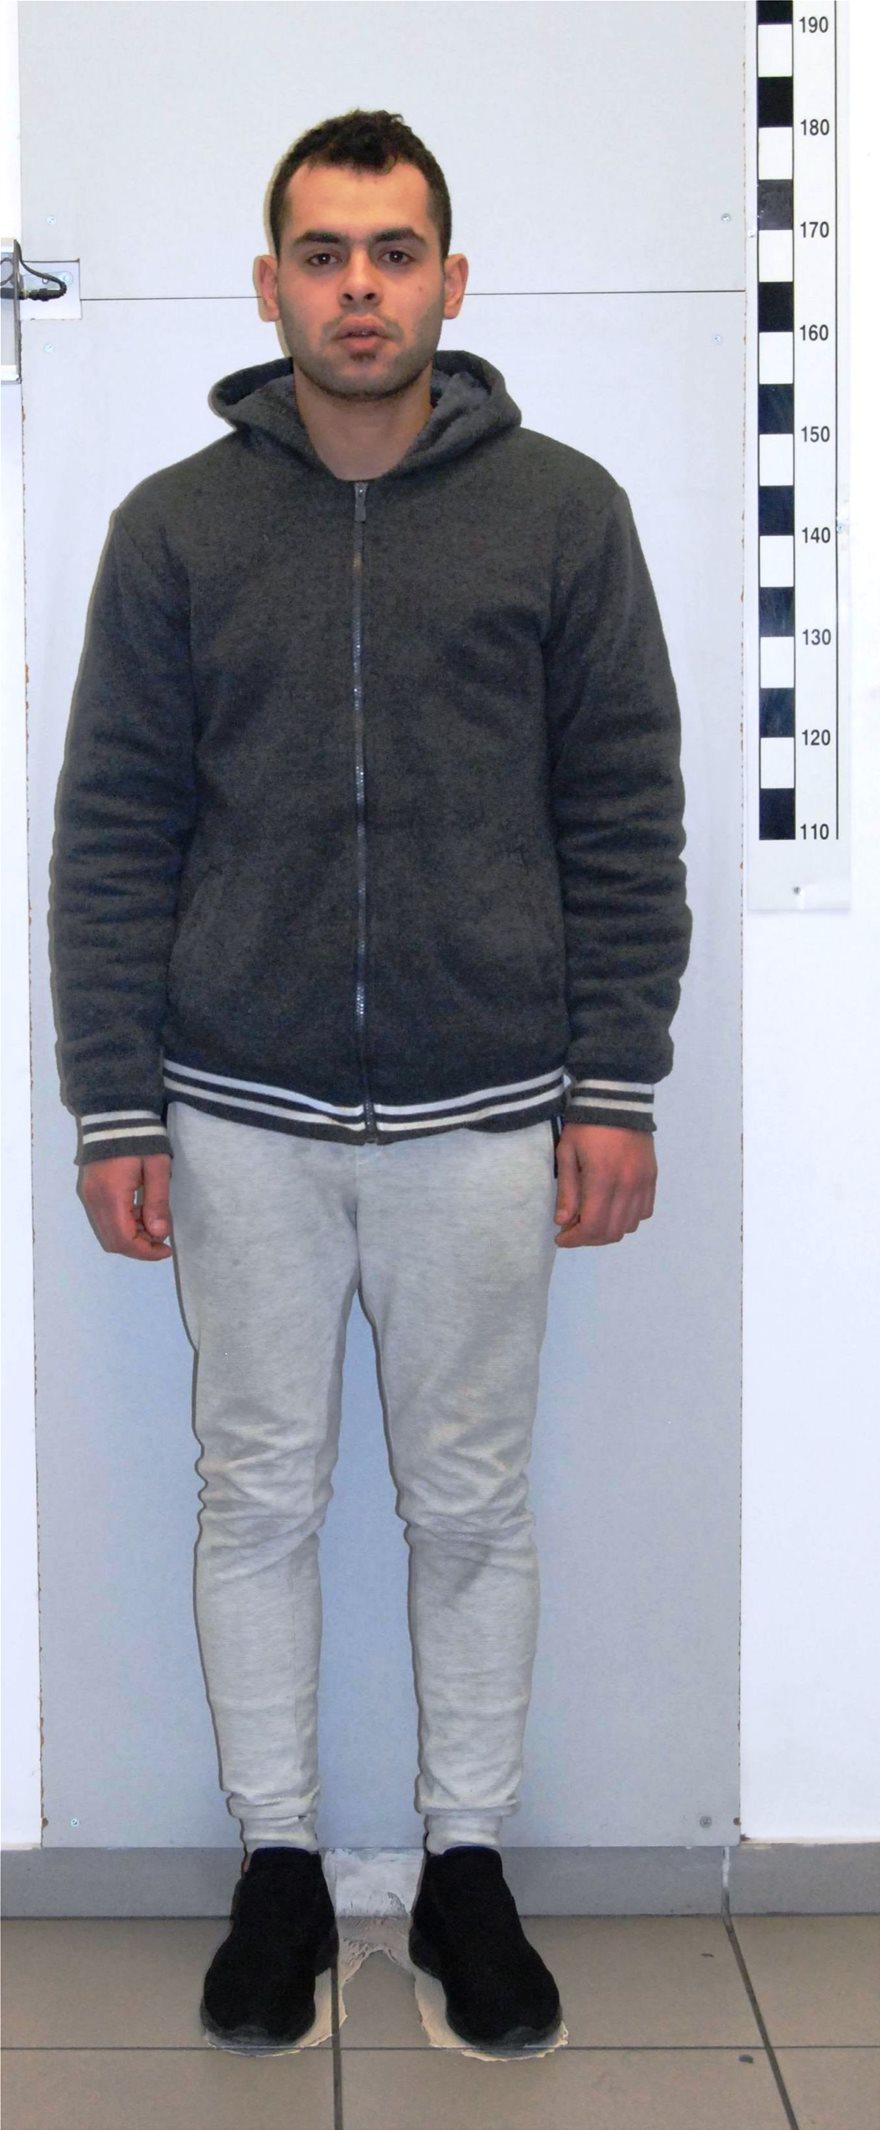 Αυτός είναι ο άνδρας που παρενόχλησε τη 12χρονη αθλήτρια πολεμικών τεχνών στο Πέραμα